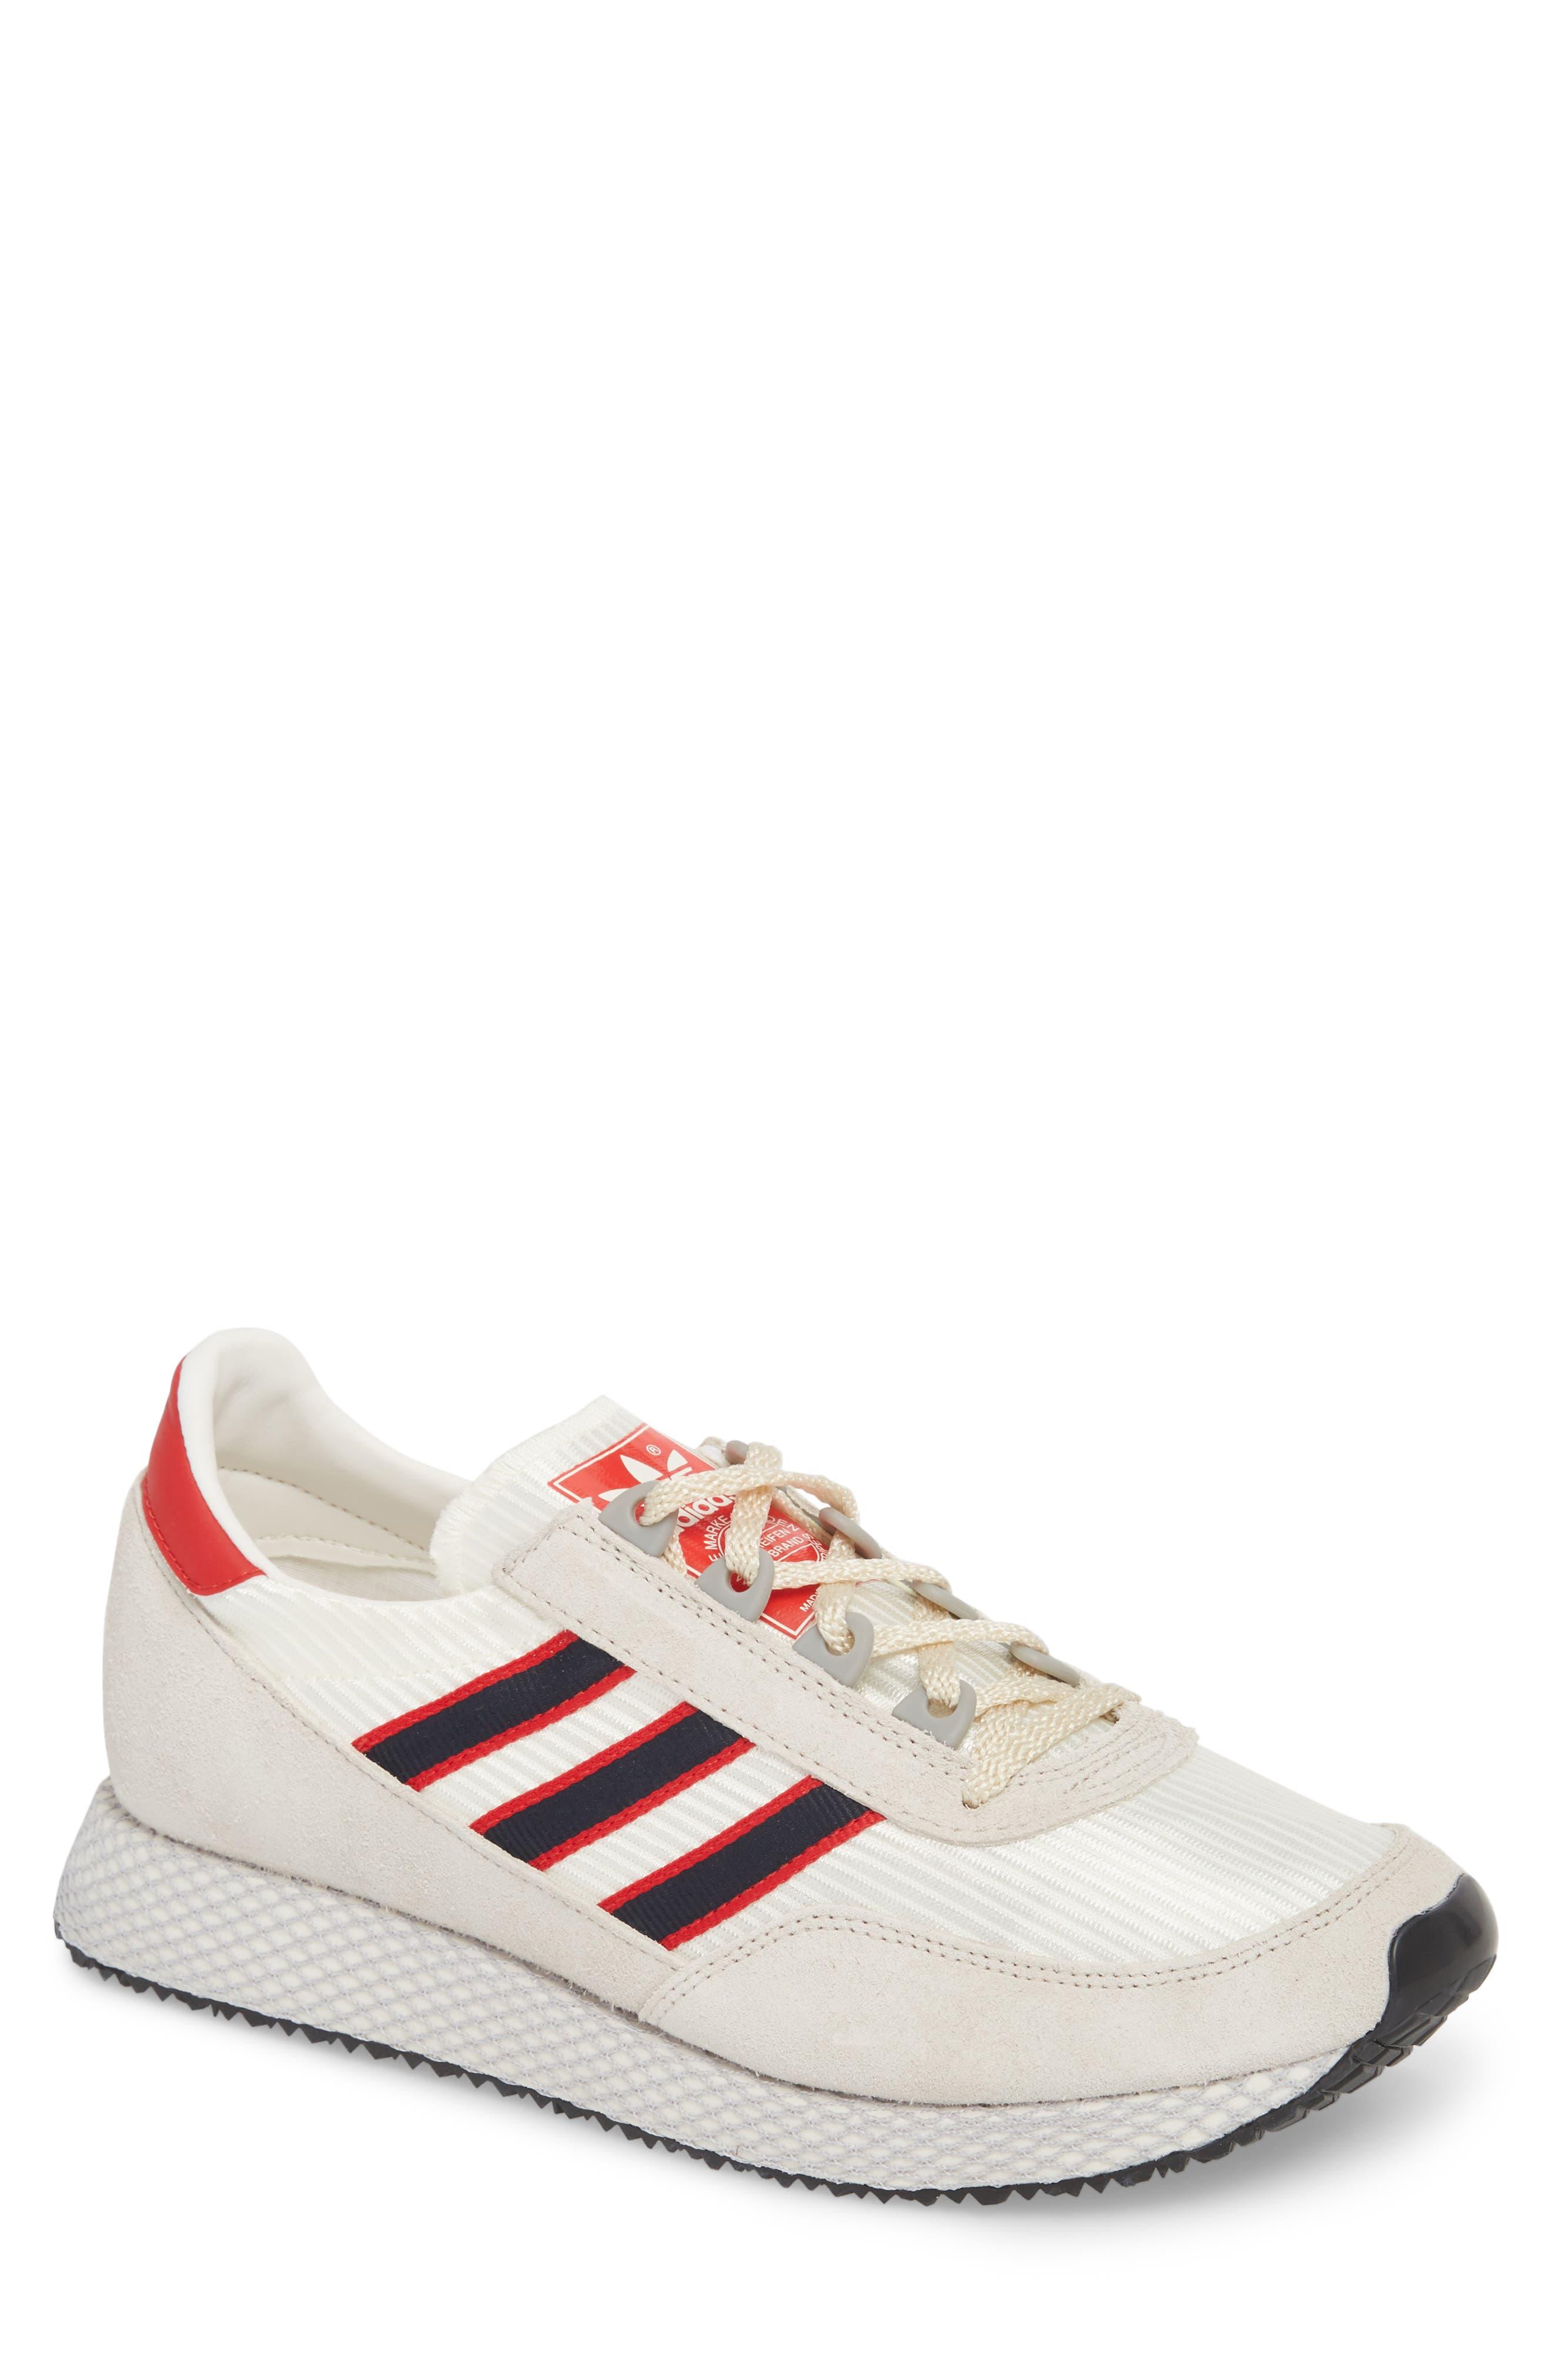 Glenbuck SPZL Sneaker,                         Main,                         color, 250